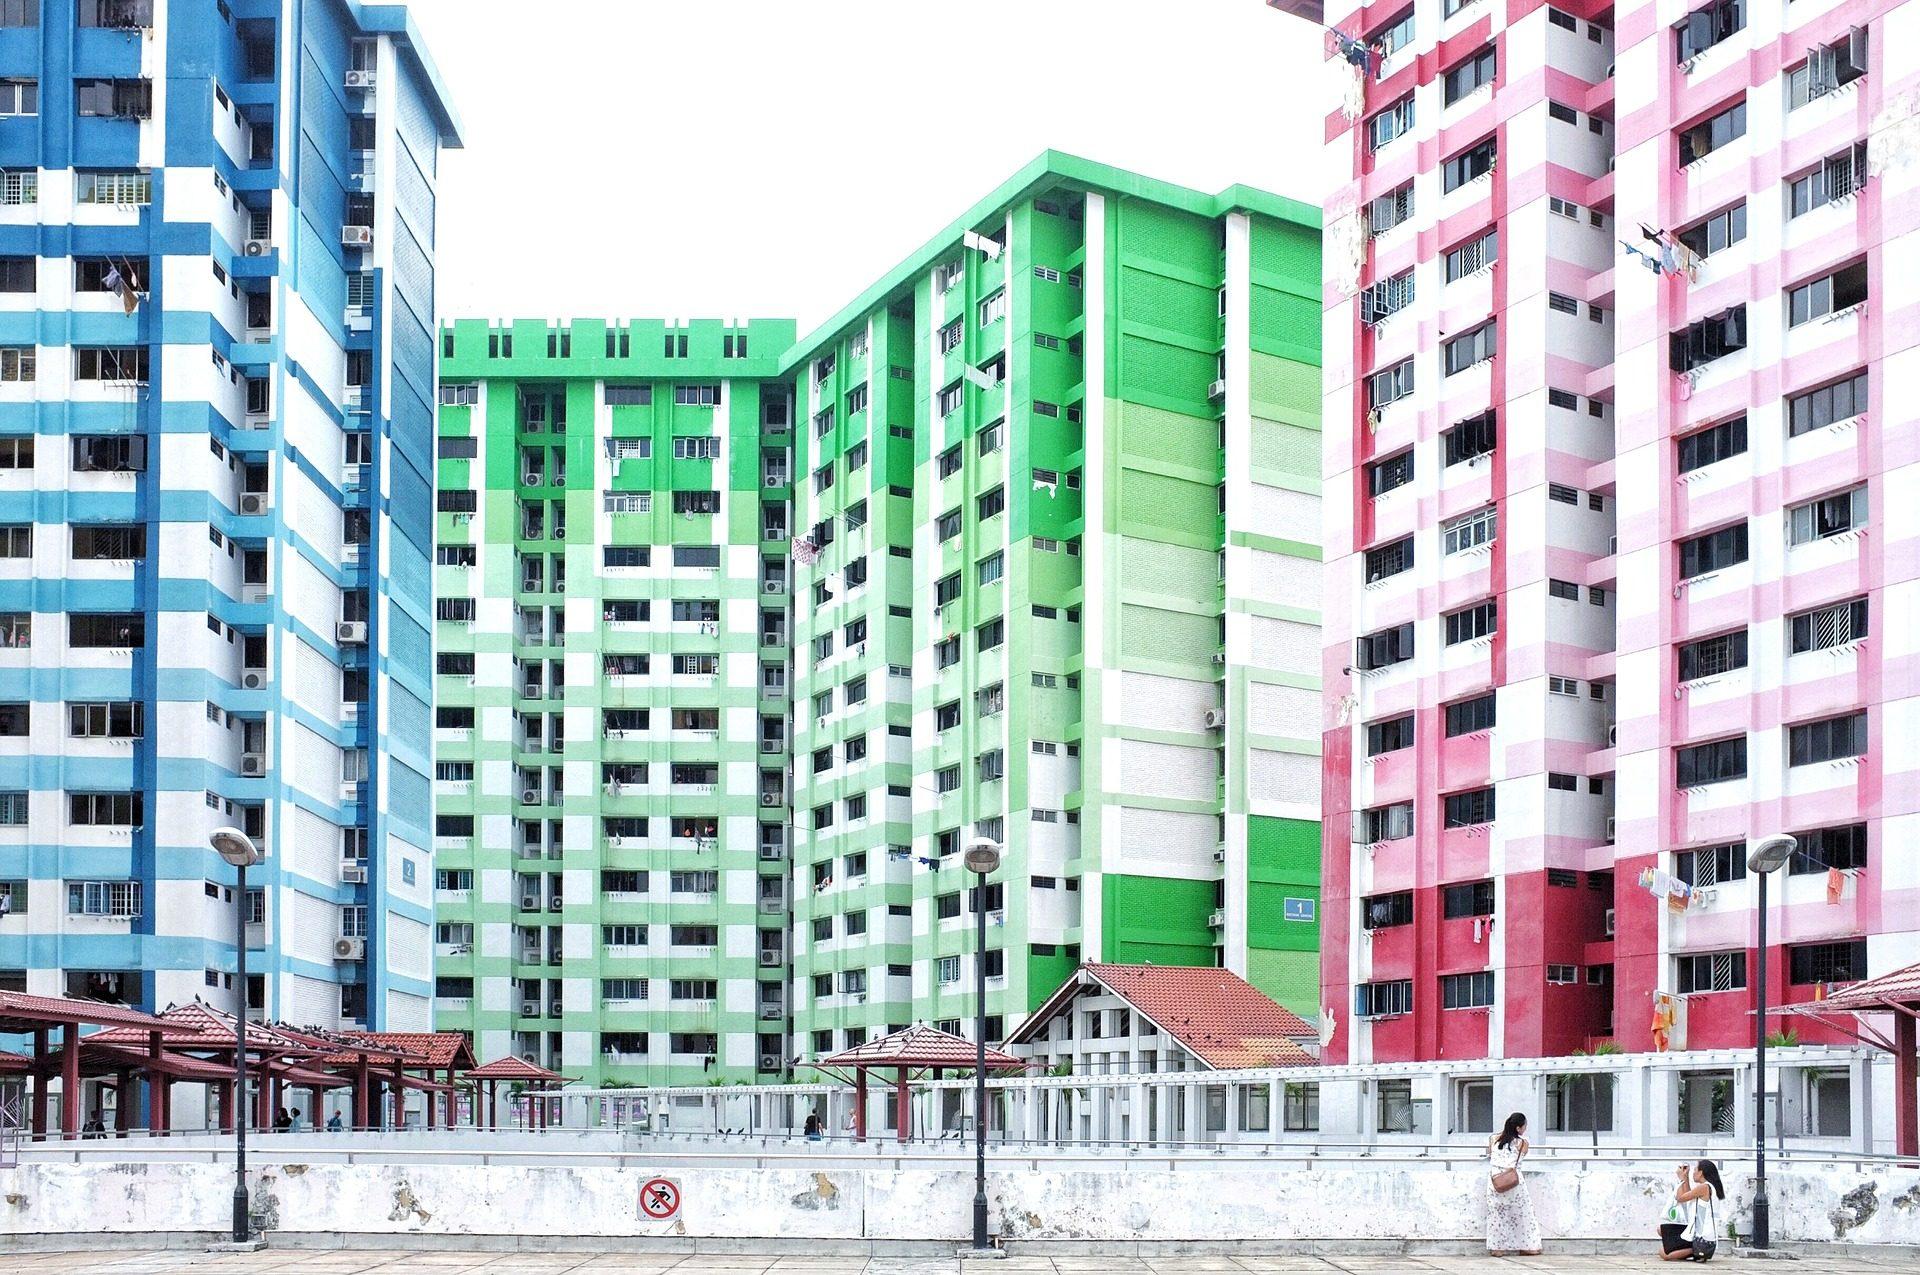 edifici, colorato, residenziale, architettura, Torres - Sfondi HD - Professor-falken.com